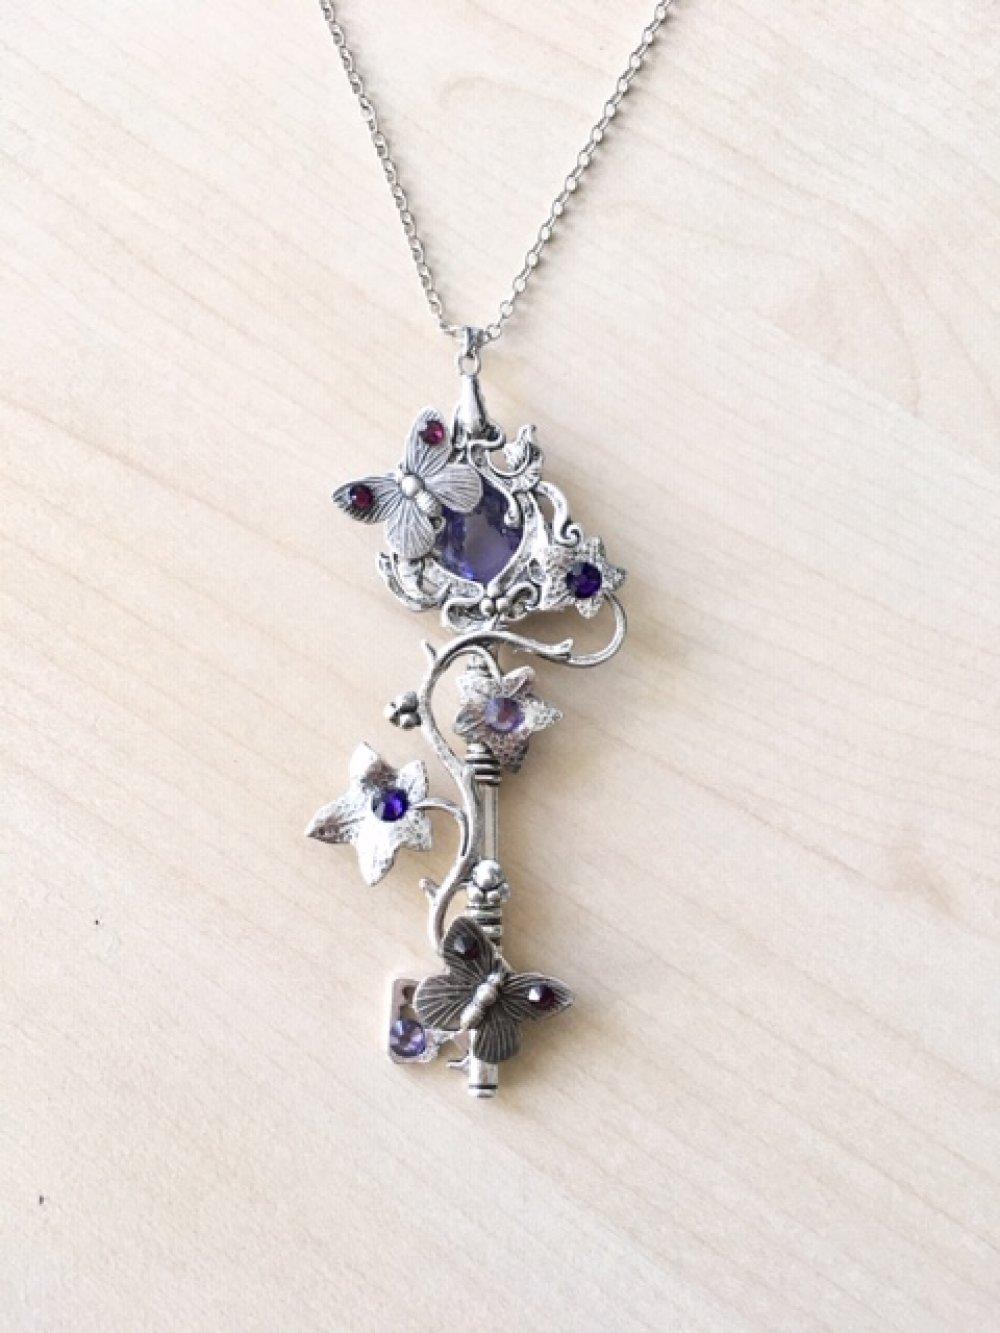 Long sautoir art nouveau clé avec papillons et feuillage argent, cristal Swarovski parme et violet